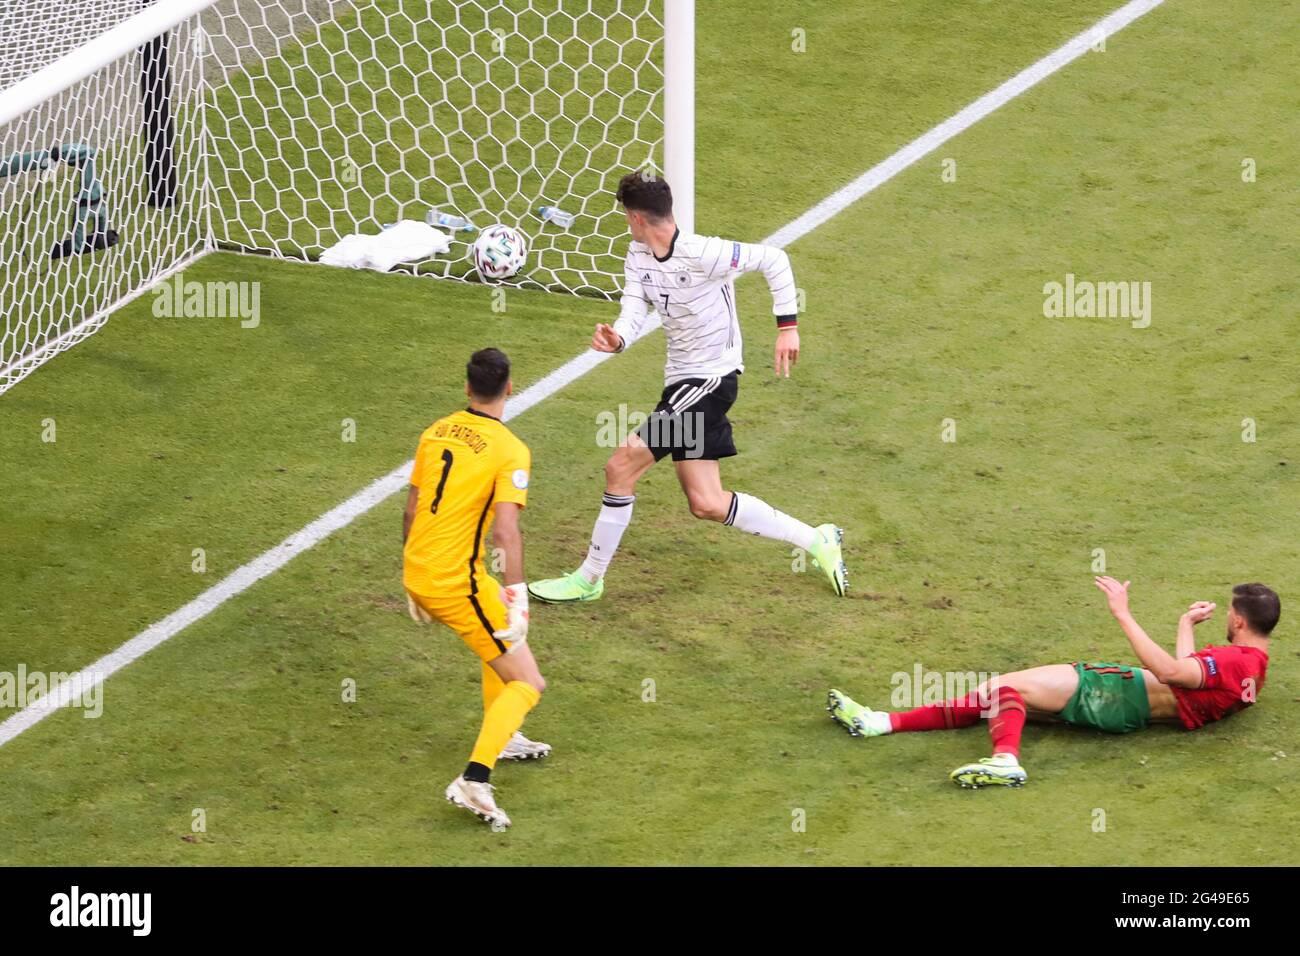 Munich, Allemagne. 19 juin 2021. Kai Havertz (C) d'Allemagne prend un coup de points lors du match de l'UEFA Euro 2020 Championship Group F à Munich, en Allemagne, le 19 juin 2021. Credit: Shan Yuqi/Xinhua/Alay Live News Banque D'Images